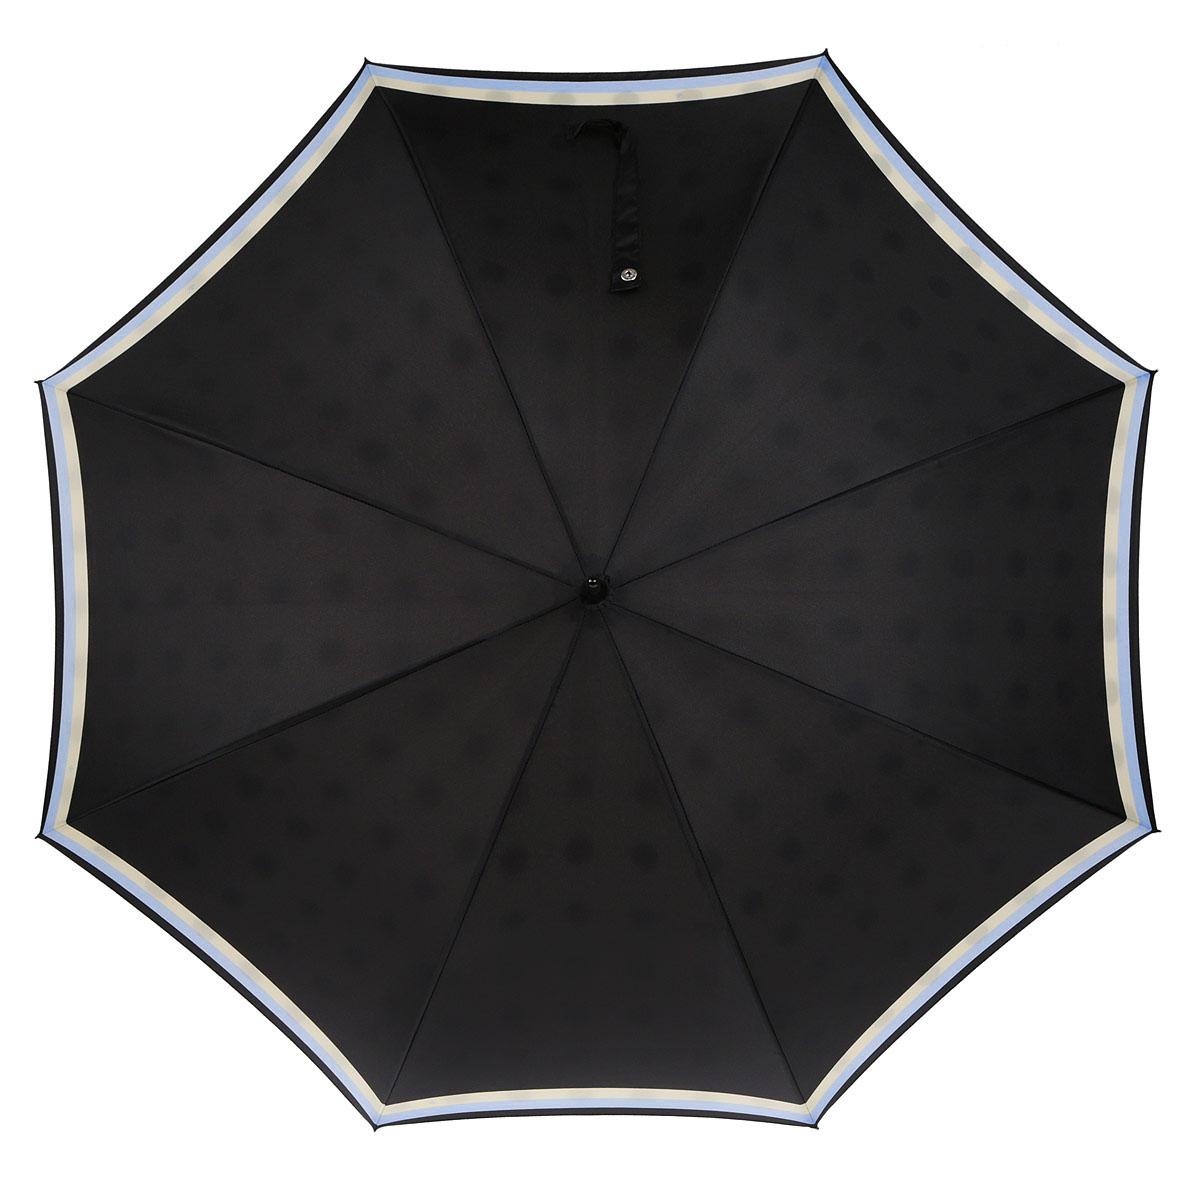 Зонт-трость женский Fulton Bloomsbury-2. Circle Line, автоматический, цвет: черный, голубой, бежевый. L754-2939L754-2939Модный автоматический зонт-трость Bloomsbury-2. Circle Line даже в ненастную погоду позволит вам оставаться стильной и элегантной. Каркас зонта состоит из 8 спиц из фибергласса и металлического стержня. Купол зонта выполнен из прочного полиэстера. Изделие оснащено удобной рукояткой из пластика. Купол зонта-трости с наружи черного цвета с изображением полосок голубого и бежевого цветов по краям. А изнутри купол оформлен в бежевом цвете с крупными черными кругами по всему периметру. Зонт автоматического сложения: купол открывается нажатием на кнопку и закрывается вручную до характерного щелчка. Модель закрывается при помощи одного ремня на кнопку. Такой зонт не только надежно защитит вас от дождя, но и станет стильным аксессуаром, который идеально подчеркнет ваш неповторимый образ.